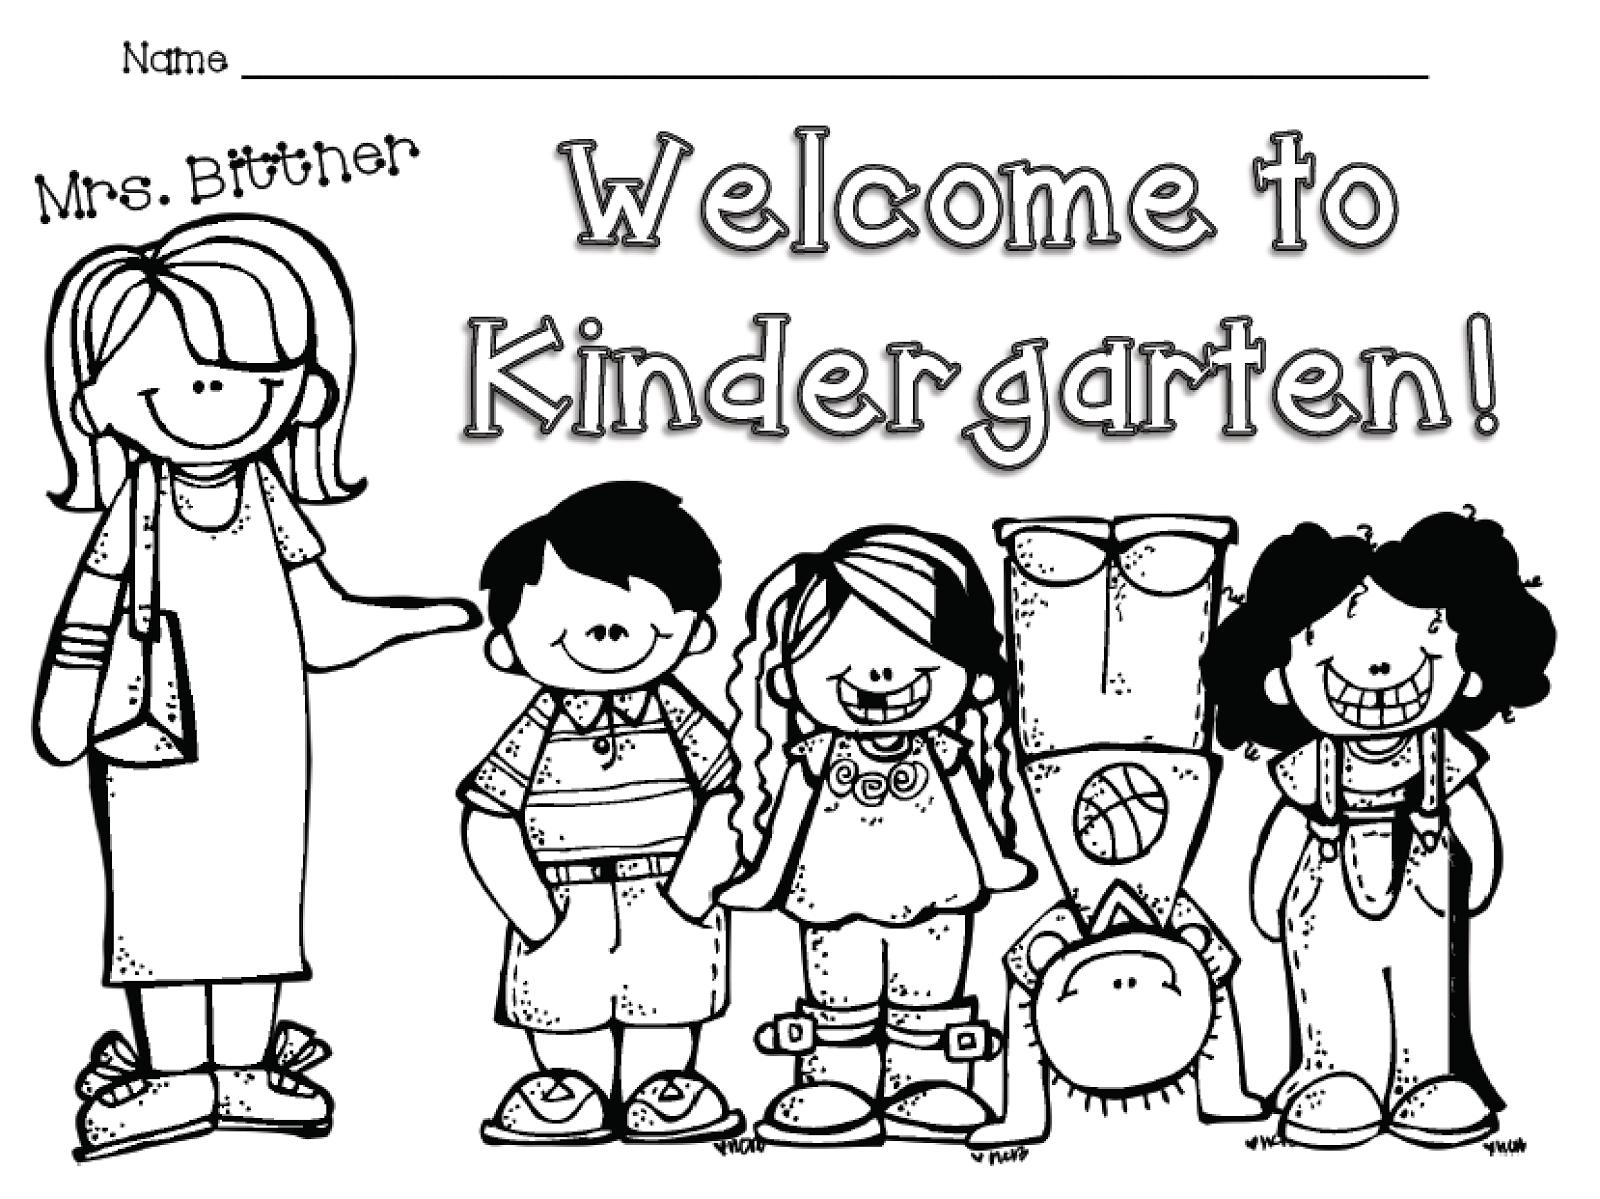 Kindergarten free colouring worksheets - Kindergarten Free Colouring Worksheets 24